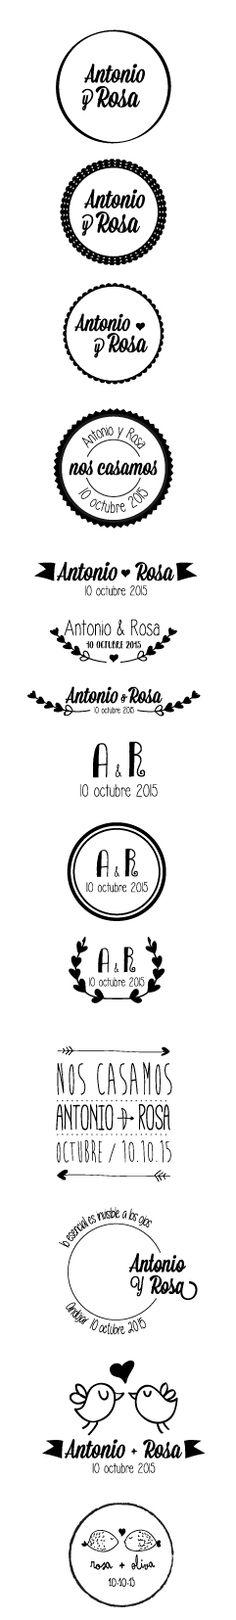 Diseño de logos para sello de caucho. #boda, #logo, #sello, rubberseal, seal,  #marriage, #matrimony, #wedlock